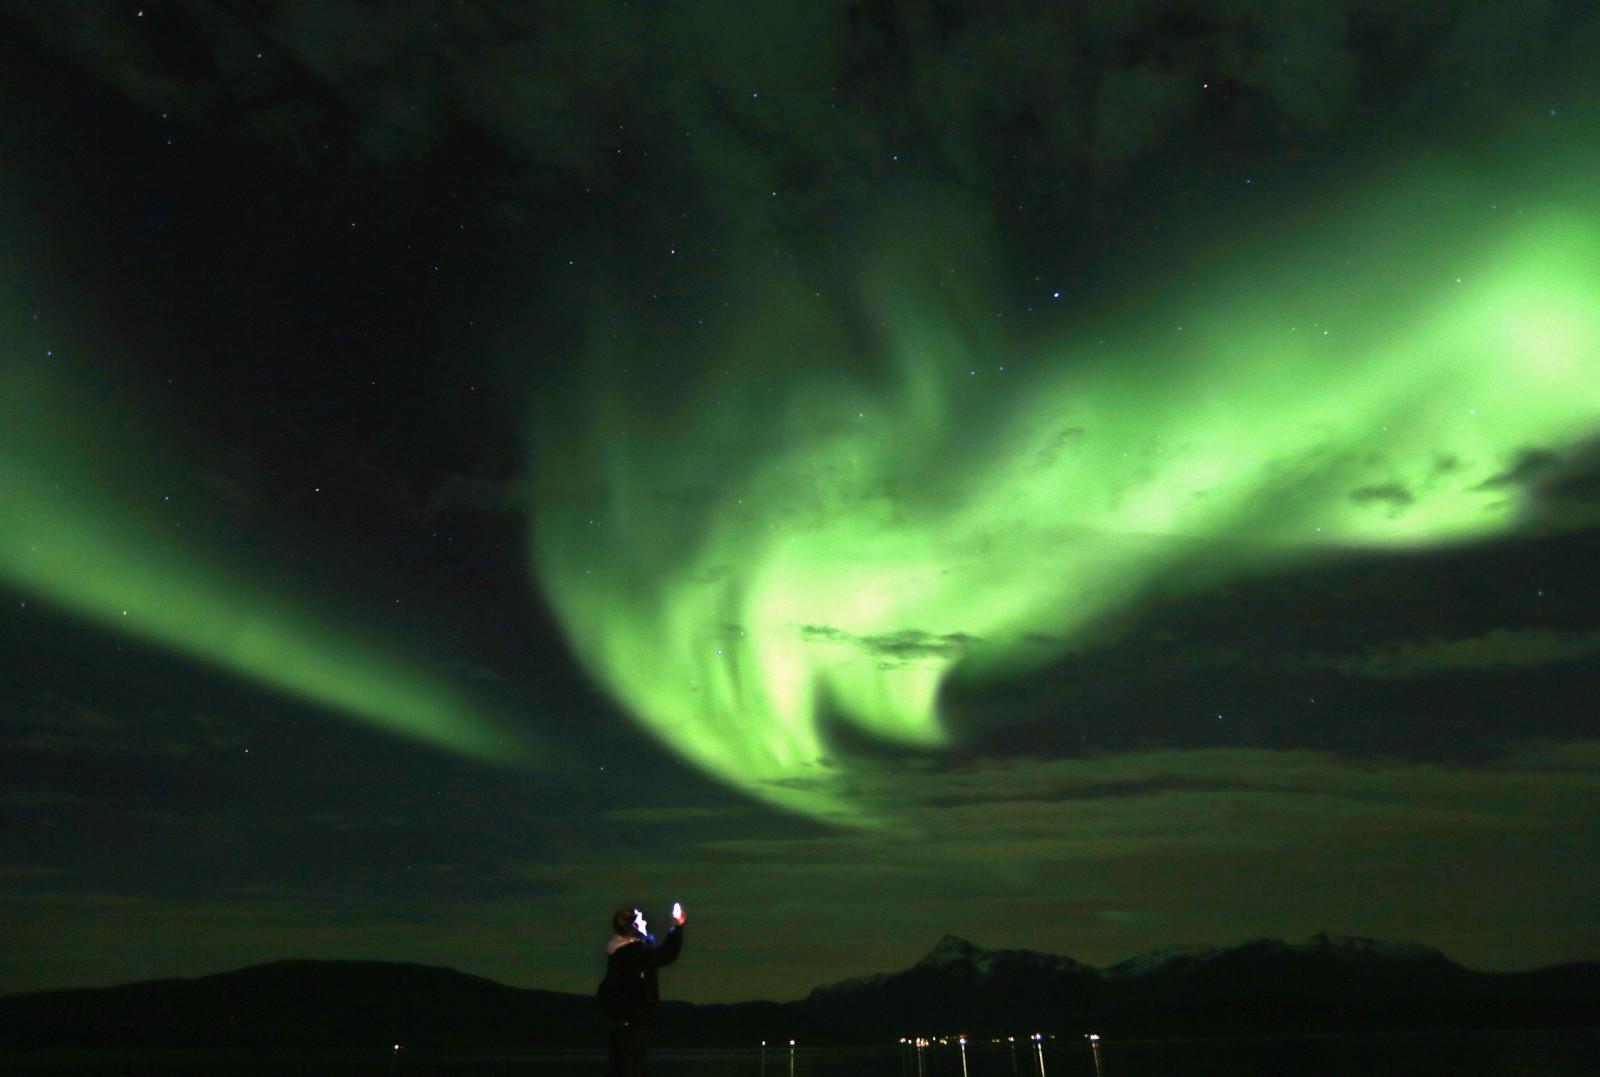 A tourist takes photos of an Aurora Borealis